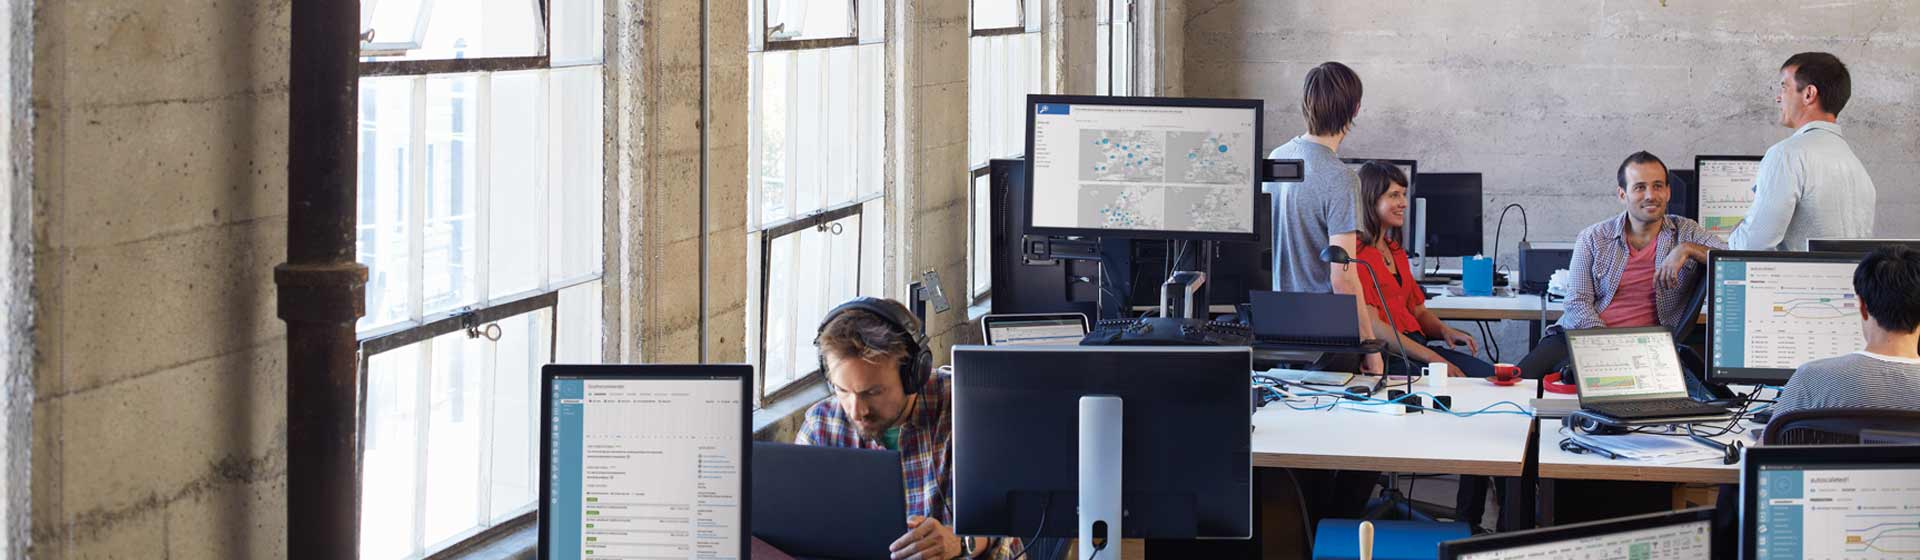 Un grupo de compañeros de trabajo sentados y de pie junto a sus mesas en una oficina repleta de computadoras con una imagen de Office 365